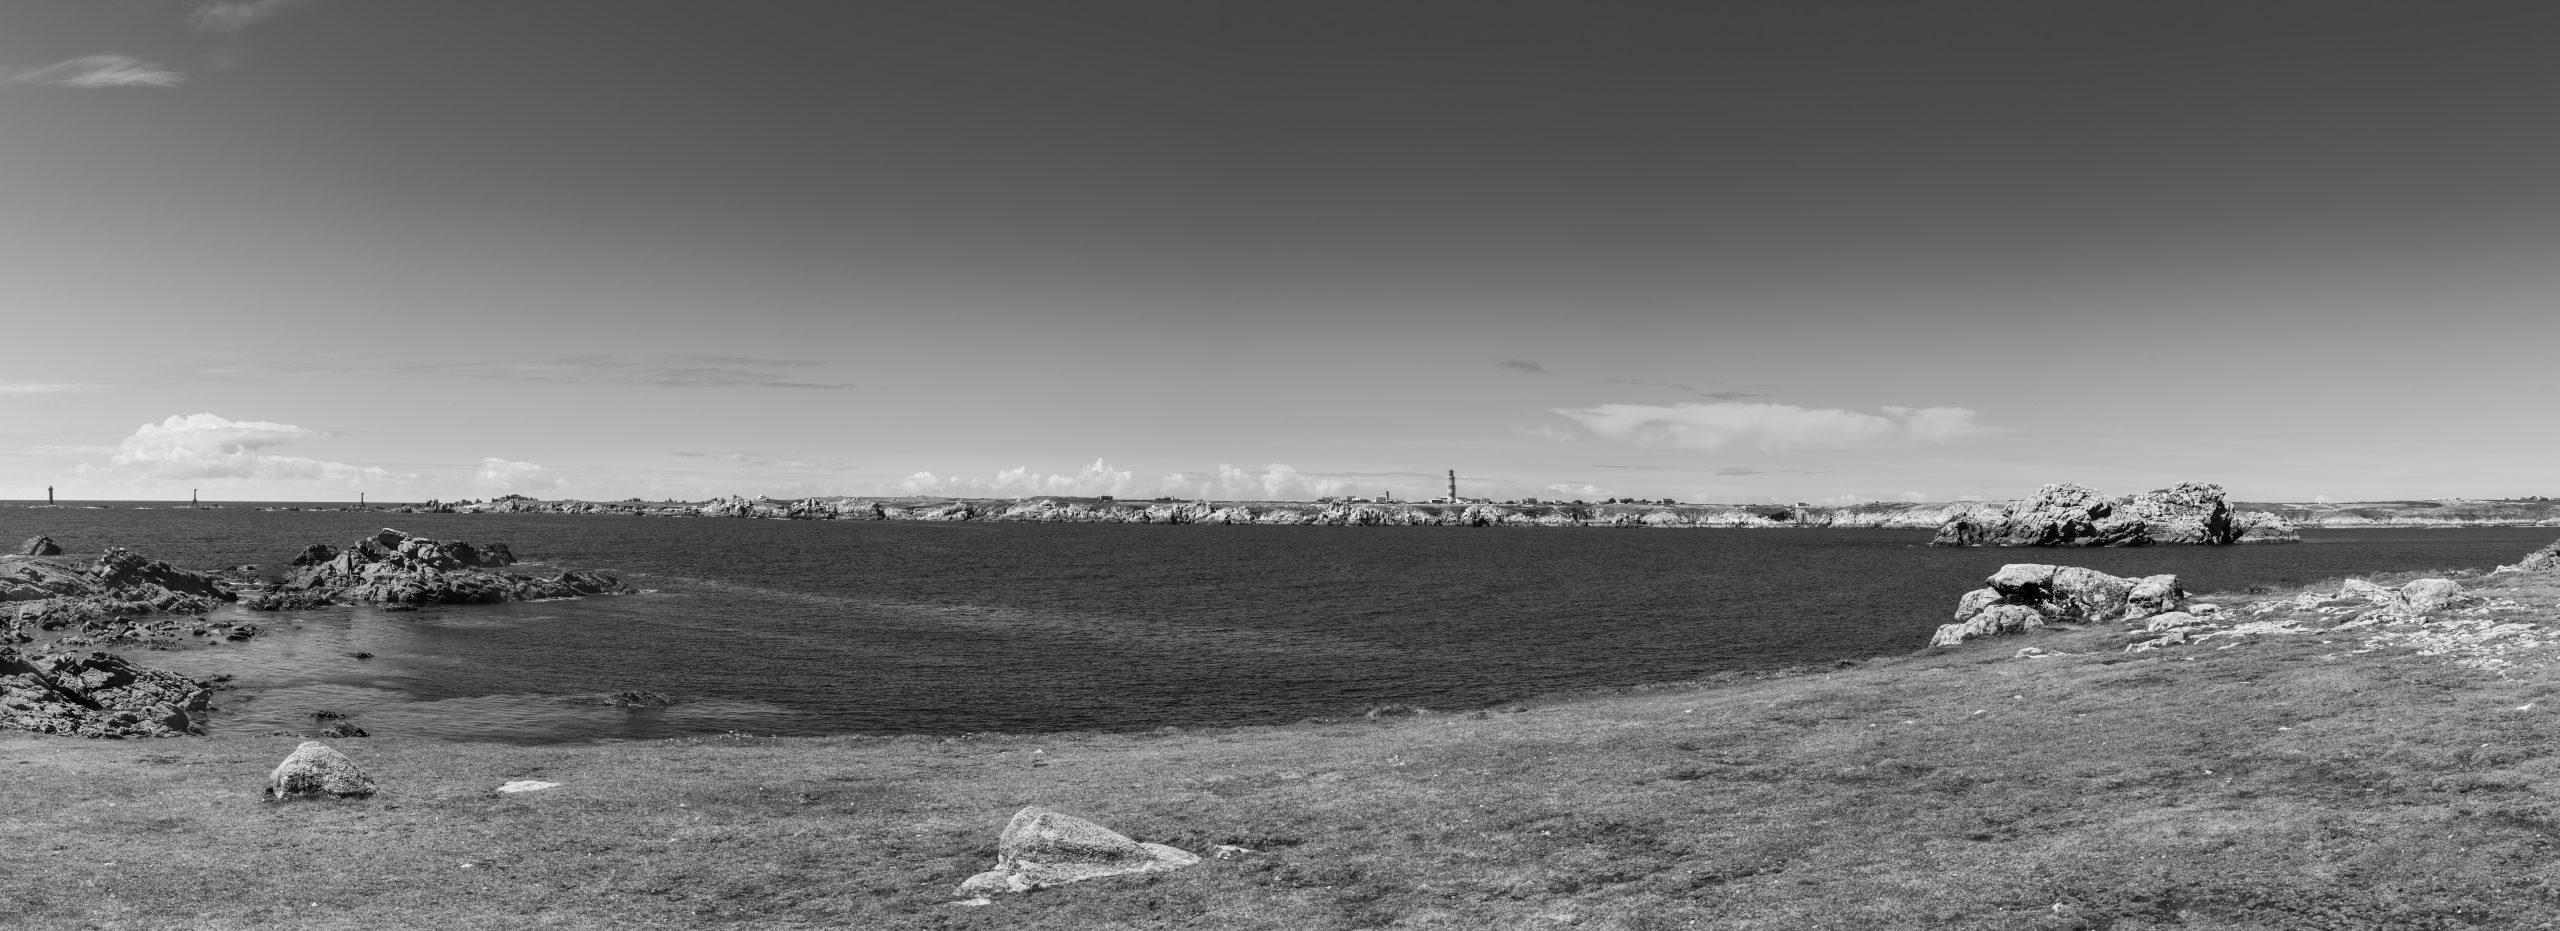 Bianco e nero - Francia - Ouessant - Panorama